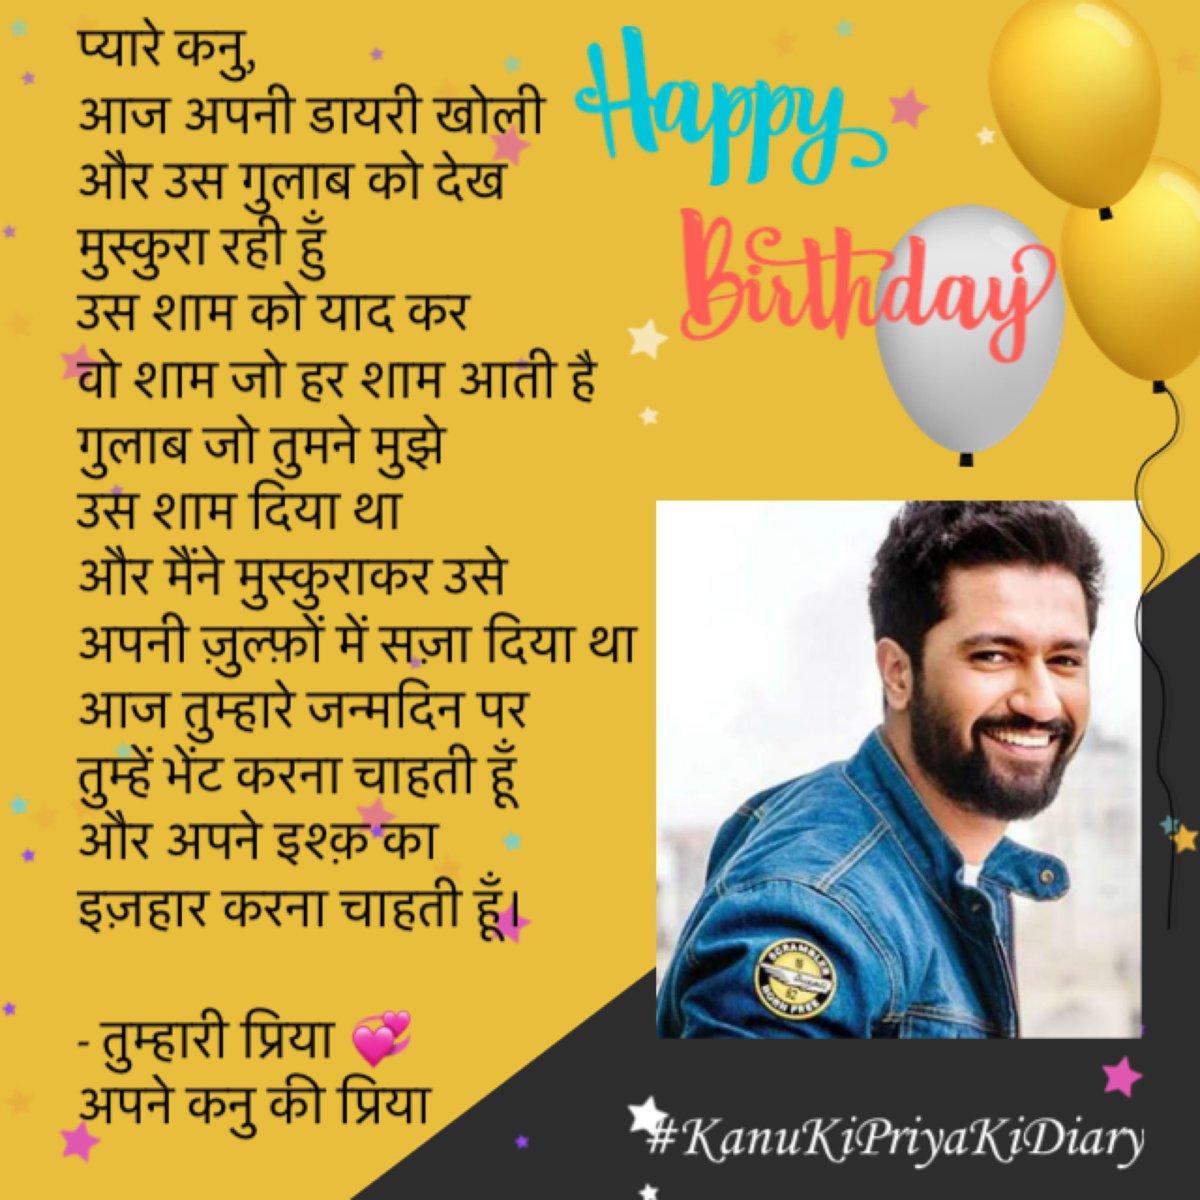 Happy Birthday Kanu, @vickykaushal09 #VickyKaushal #HappyBirthdayVickyKaushal #KanuKiPriyaKiDiary